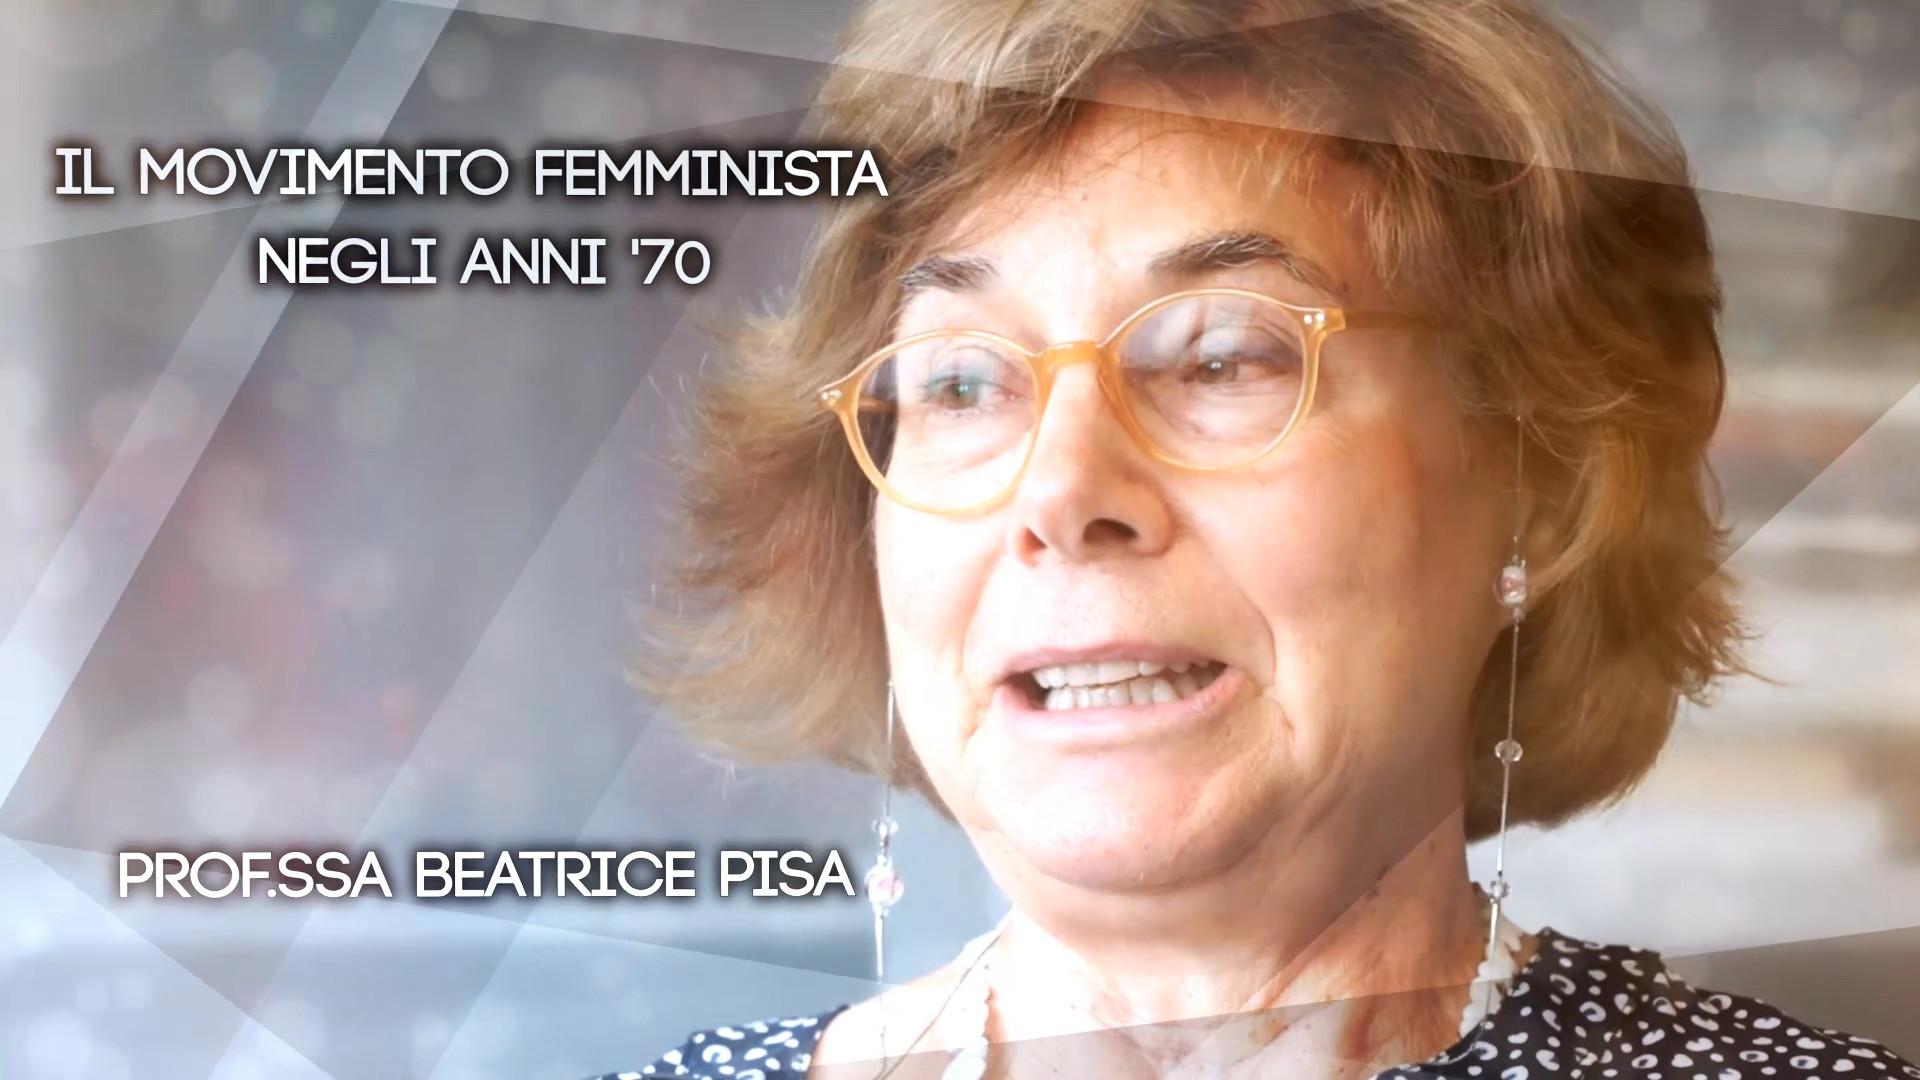 Ep5 Il movimento femminista negli anni '70 - Beatrice Pisa